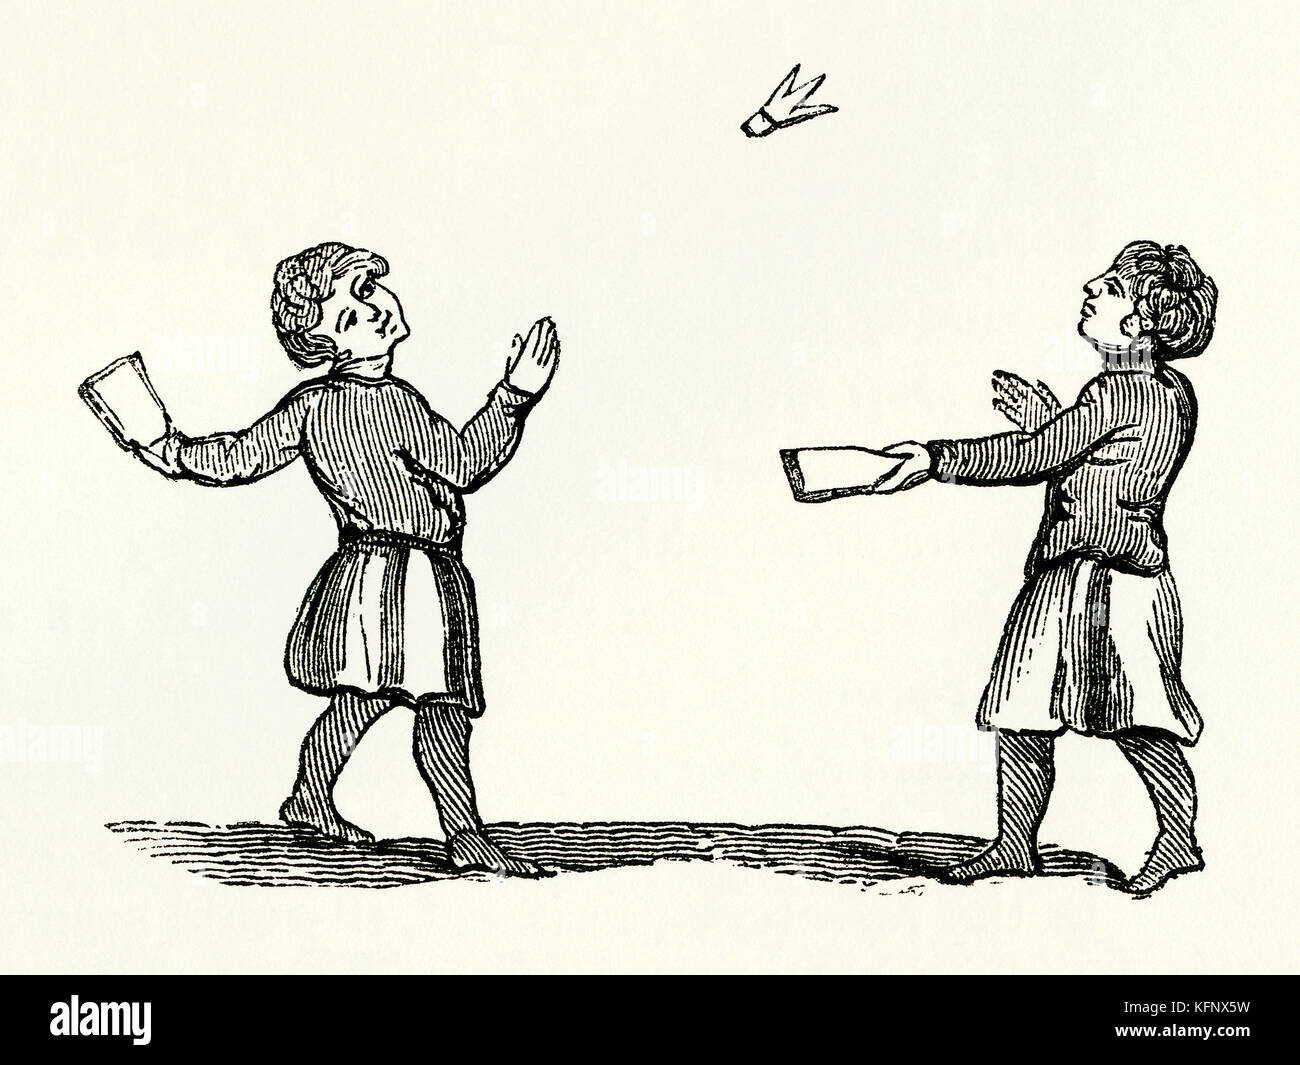 Un viejo grabado medieval de battledore y shuttlecock o jeu de volant, un juego de principios relacionados con el Imagen De Stock